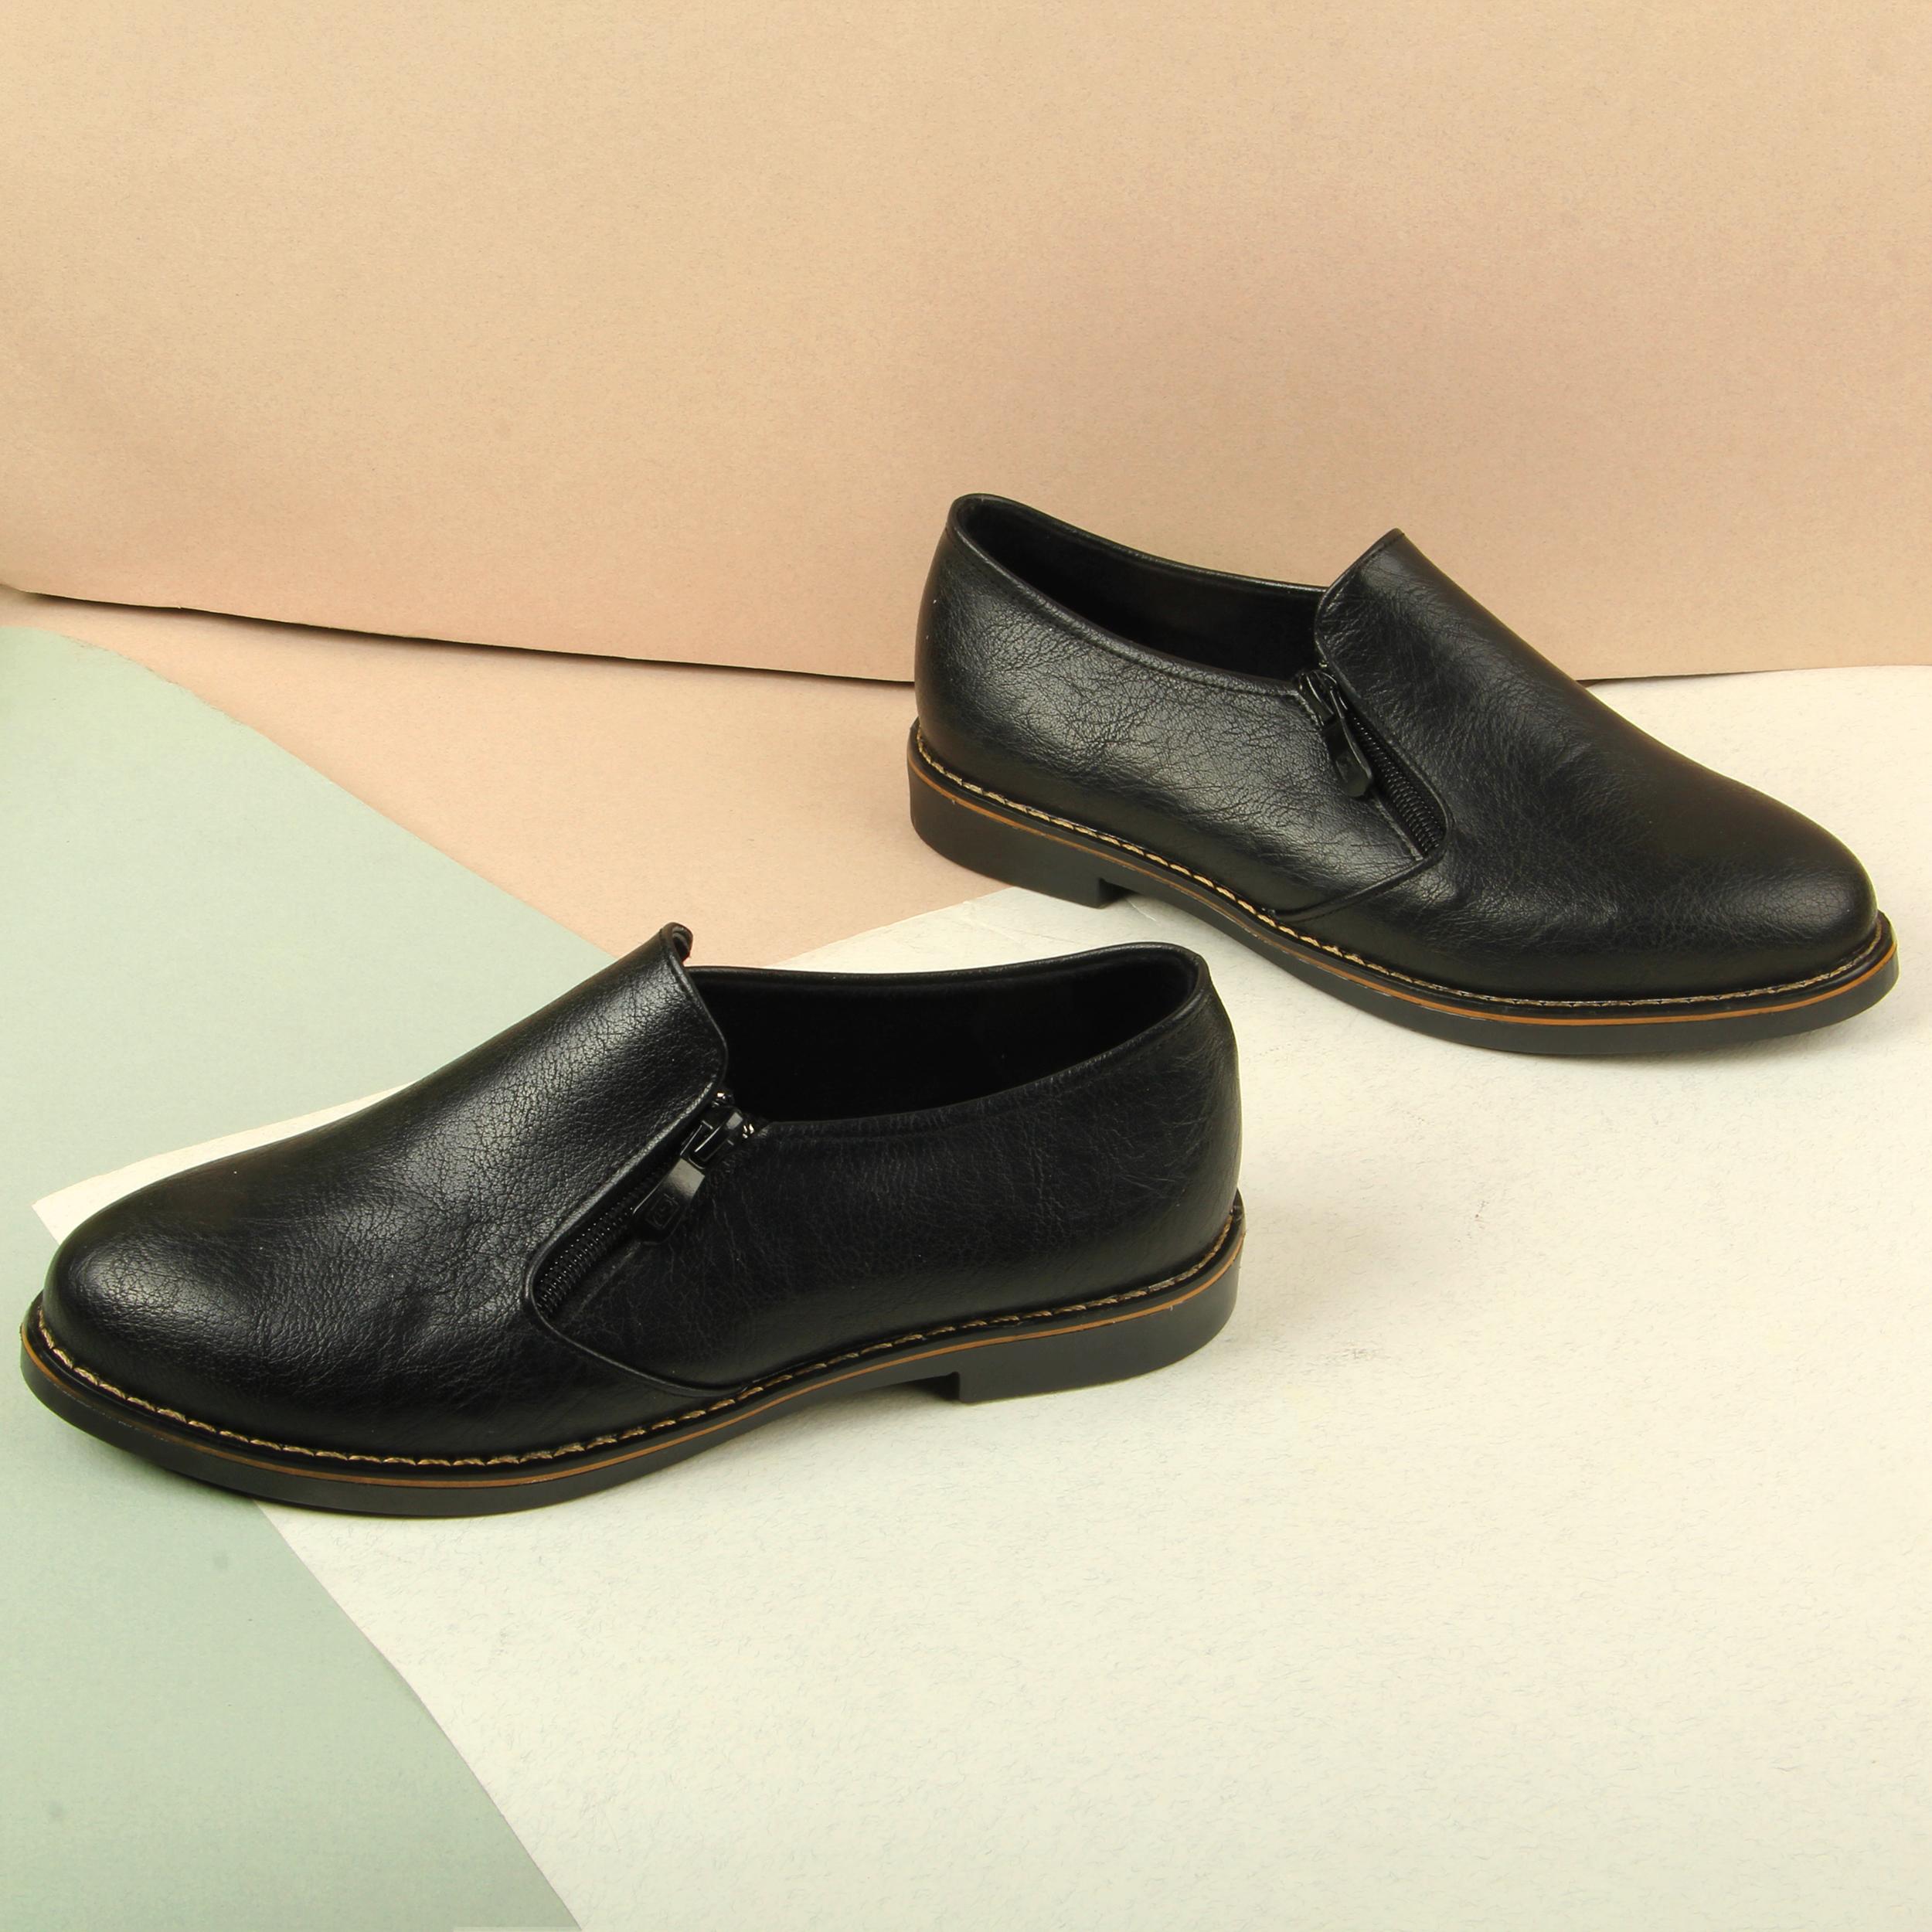 ست کیف و کفش زنانه BAB مدل ترنم کد 910-5 thumb 2